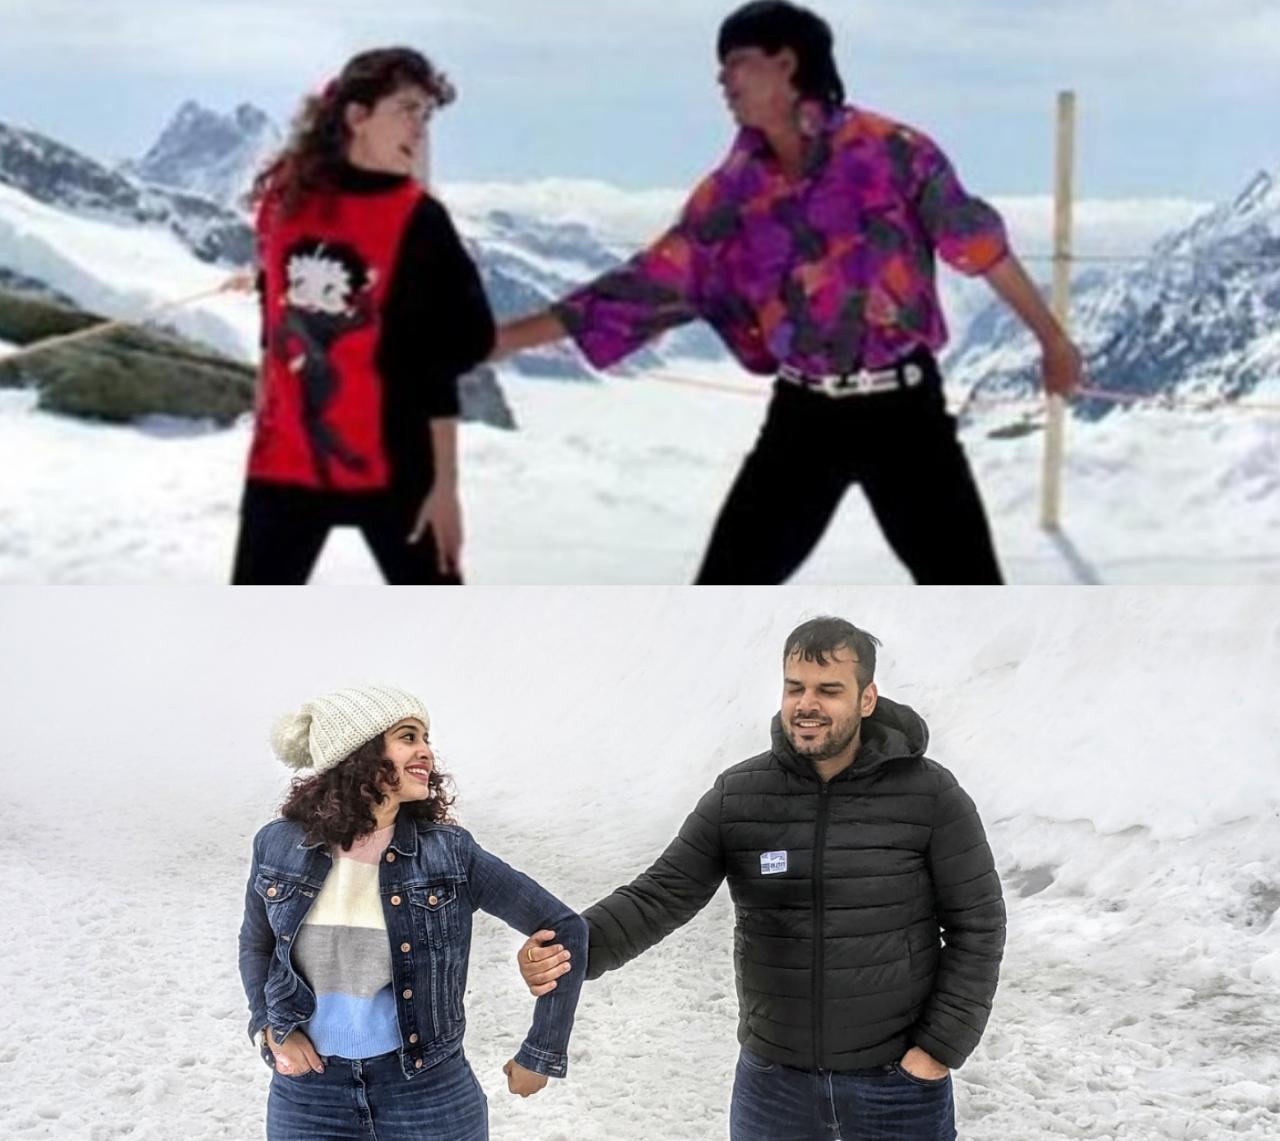 Samar & Kamiya posing as SRK & Juhi